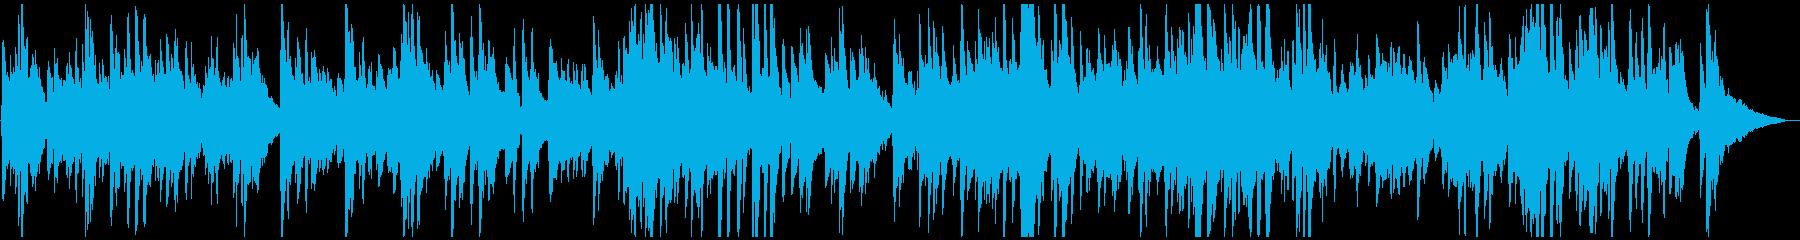 カフェ・旅・映像 ゆったりジャズ風ピアノの再生済みの波形